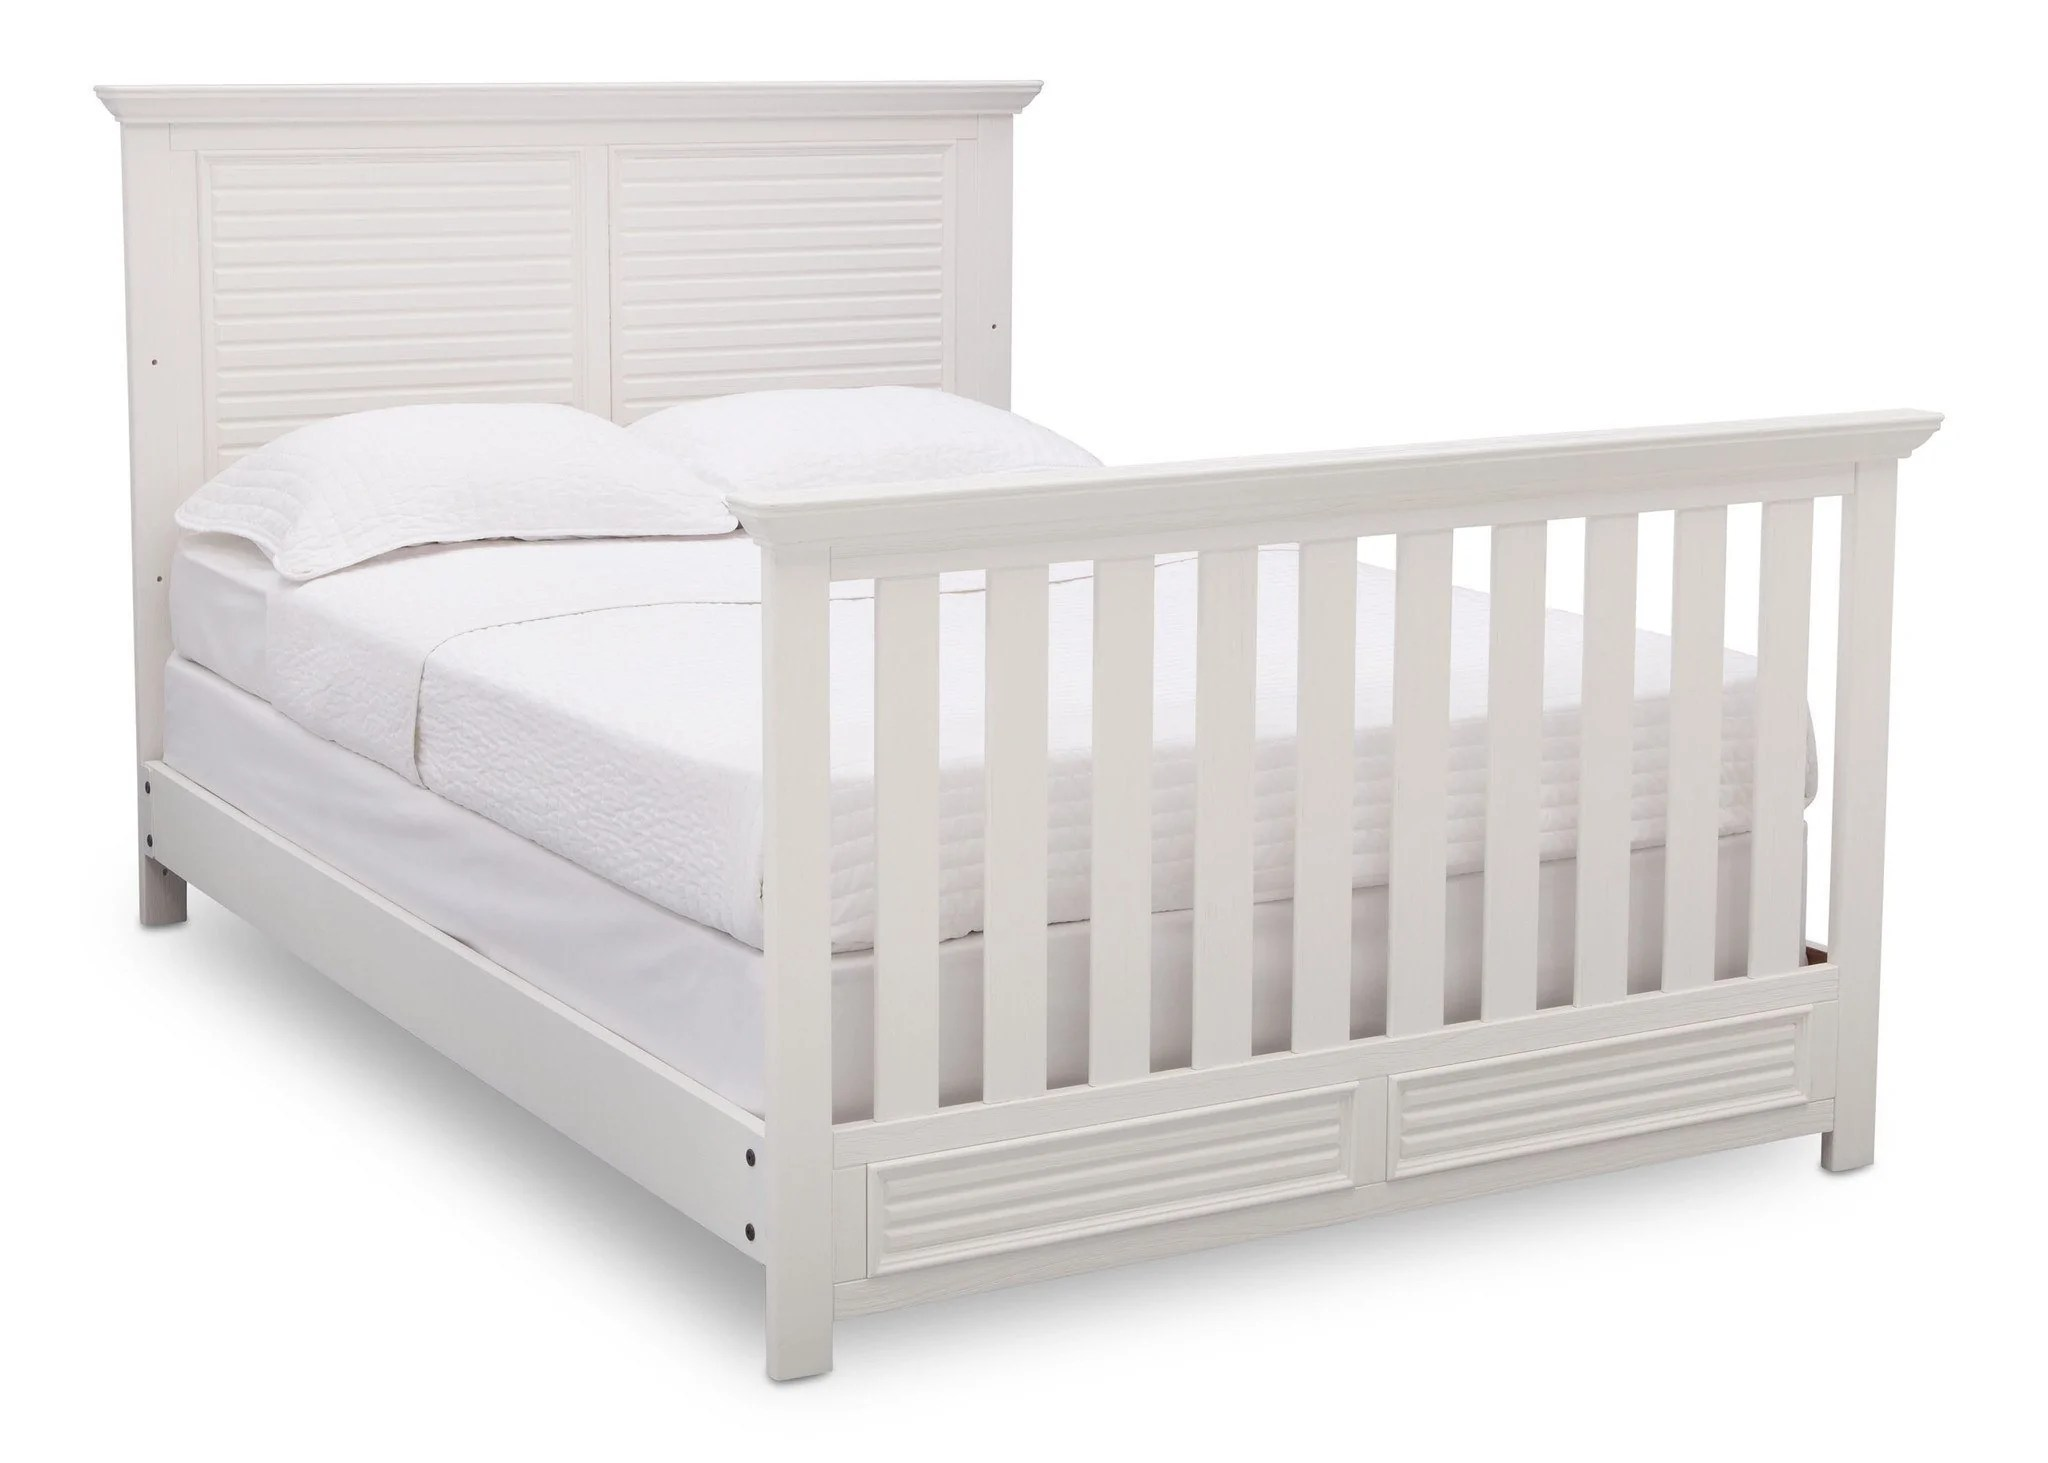 Fullsize Of Crib Mattress Dimensions